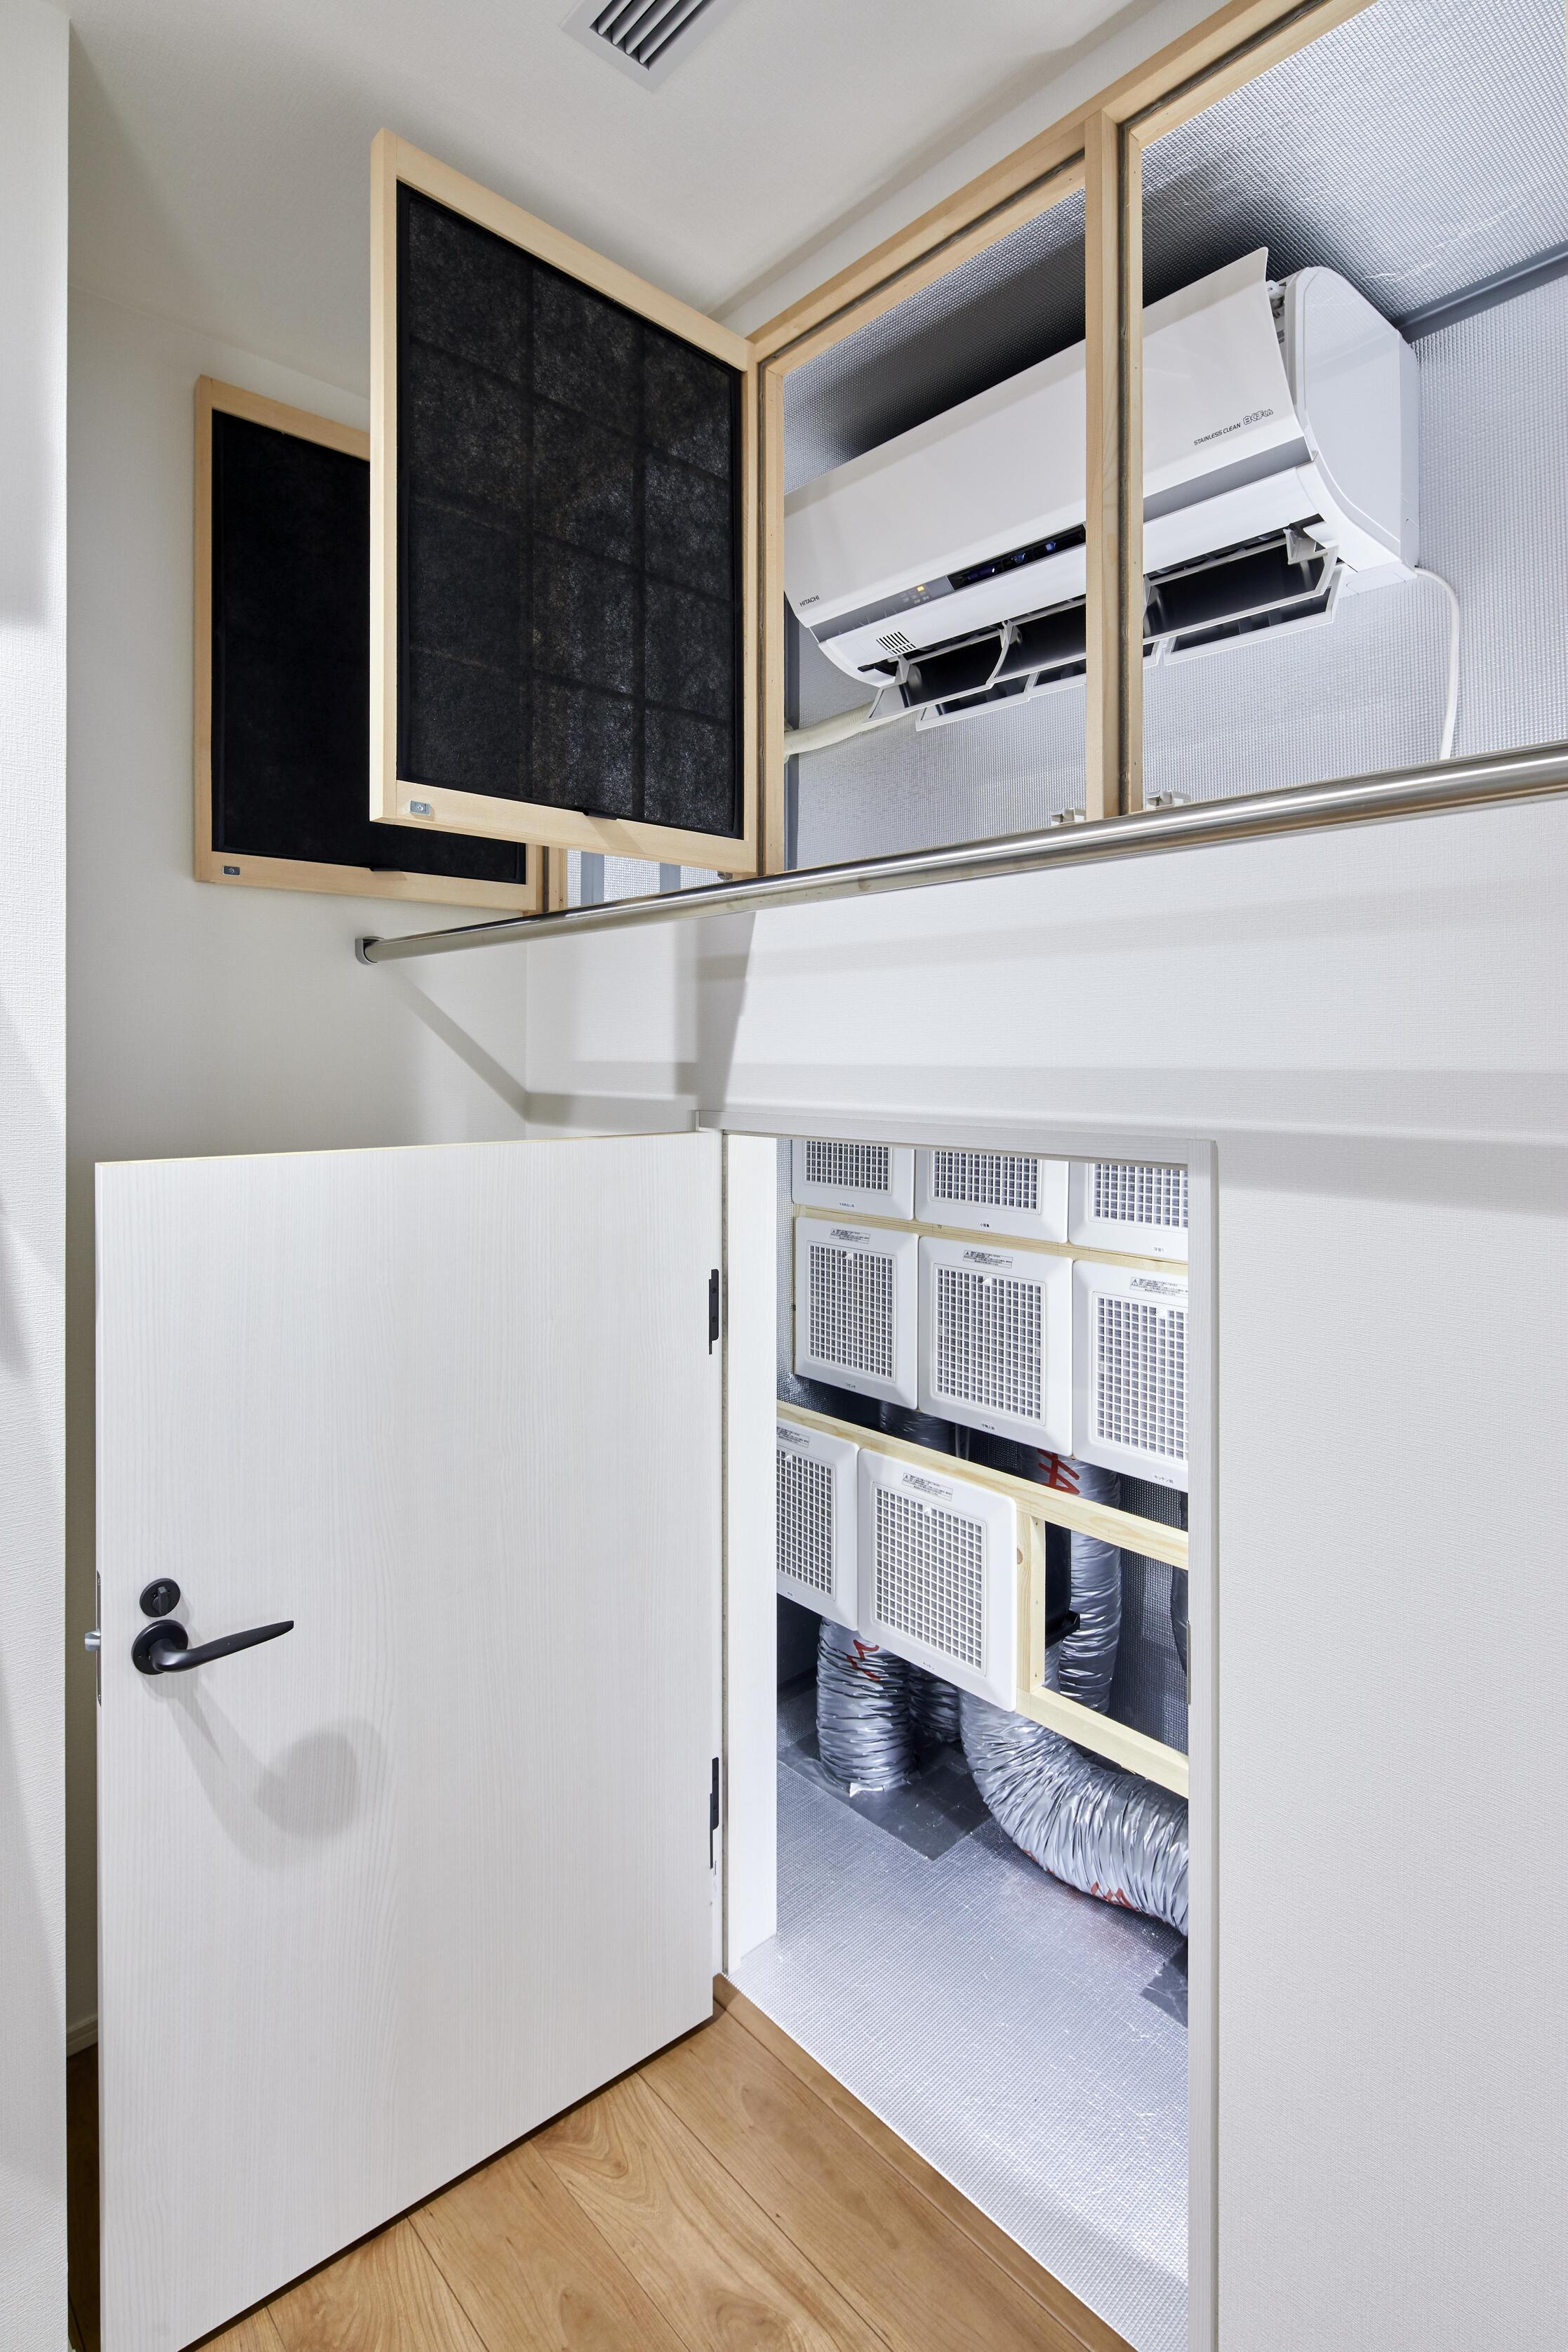 空調室に設置された家庭用エアコン1台で住まい全体の空調を行っている